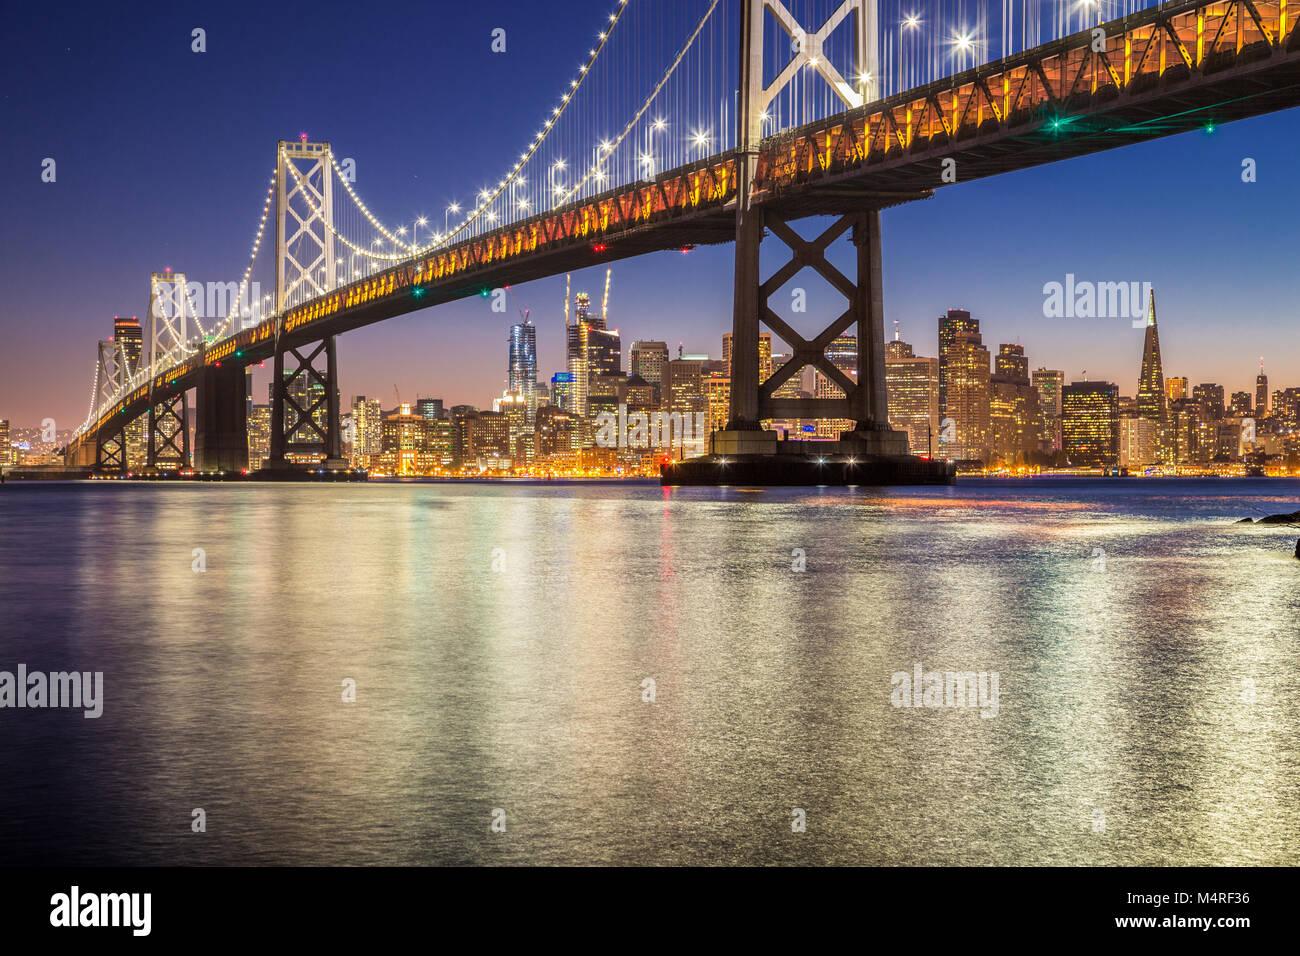 Classic vue panoramique de célèbre Oakland Bay Bridge avec la skyline de San Francisco illuminée Photo Stock